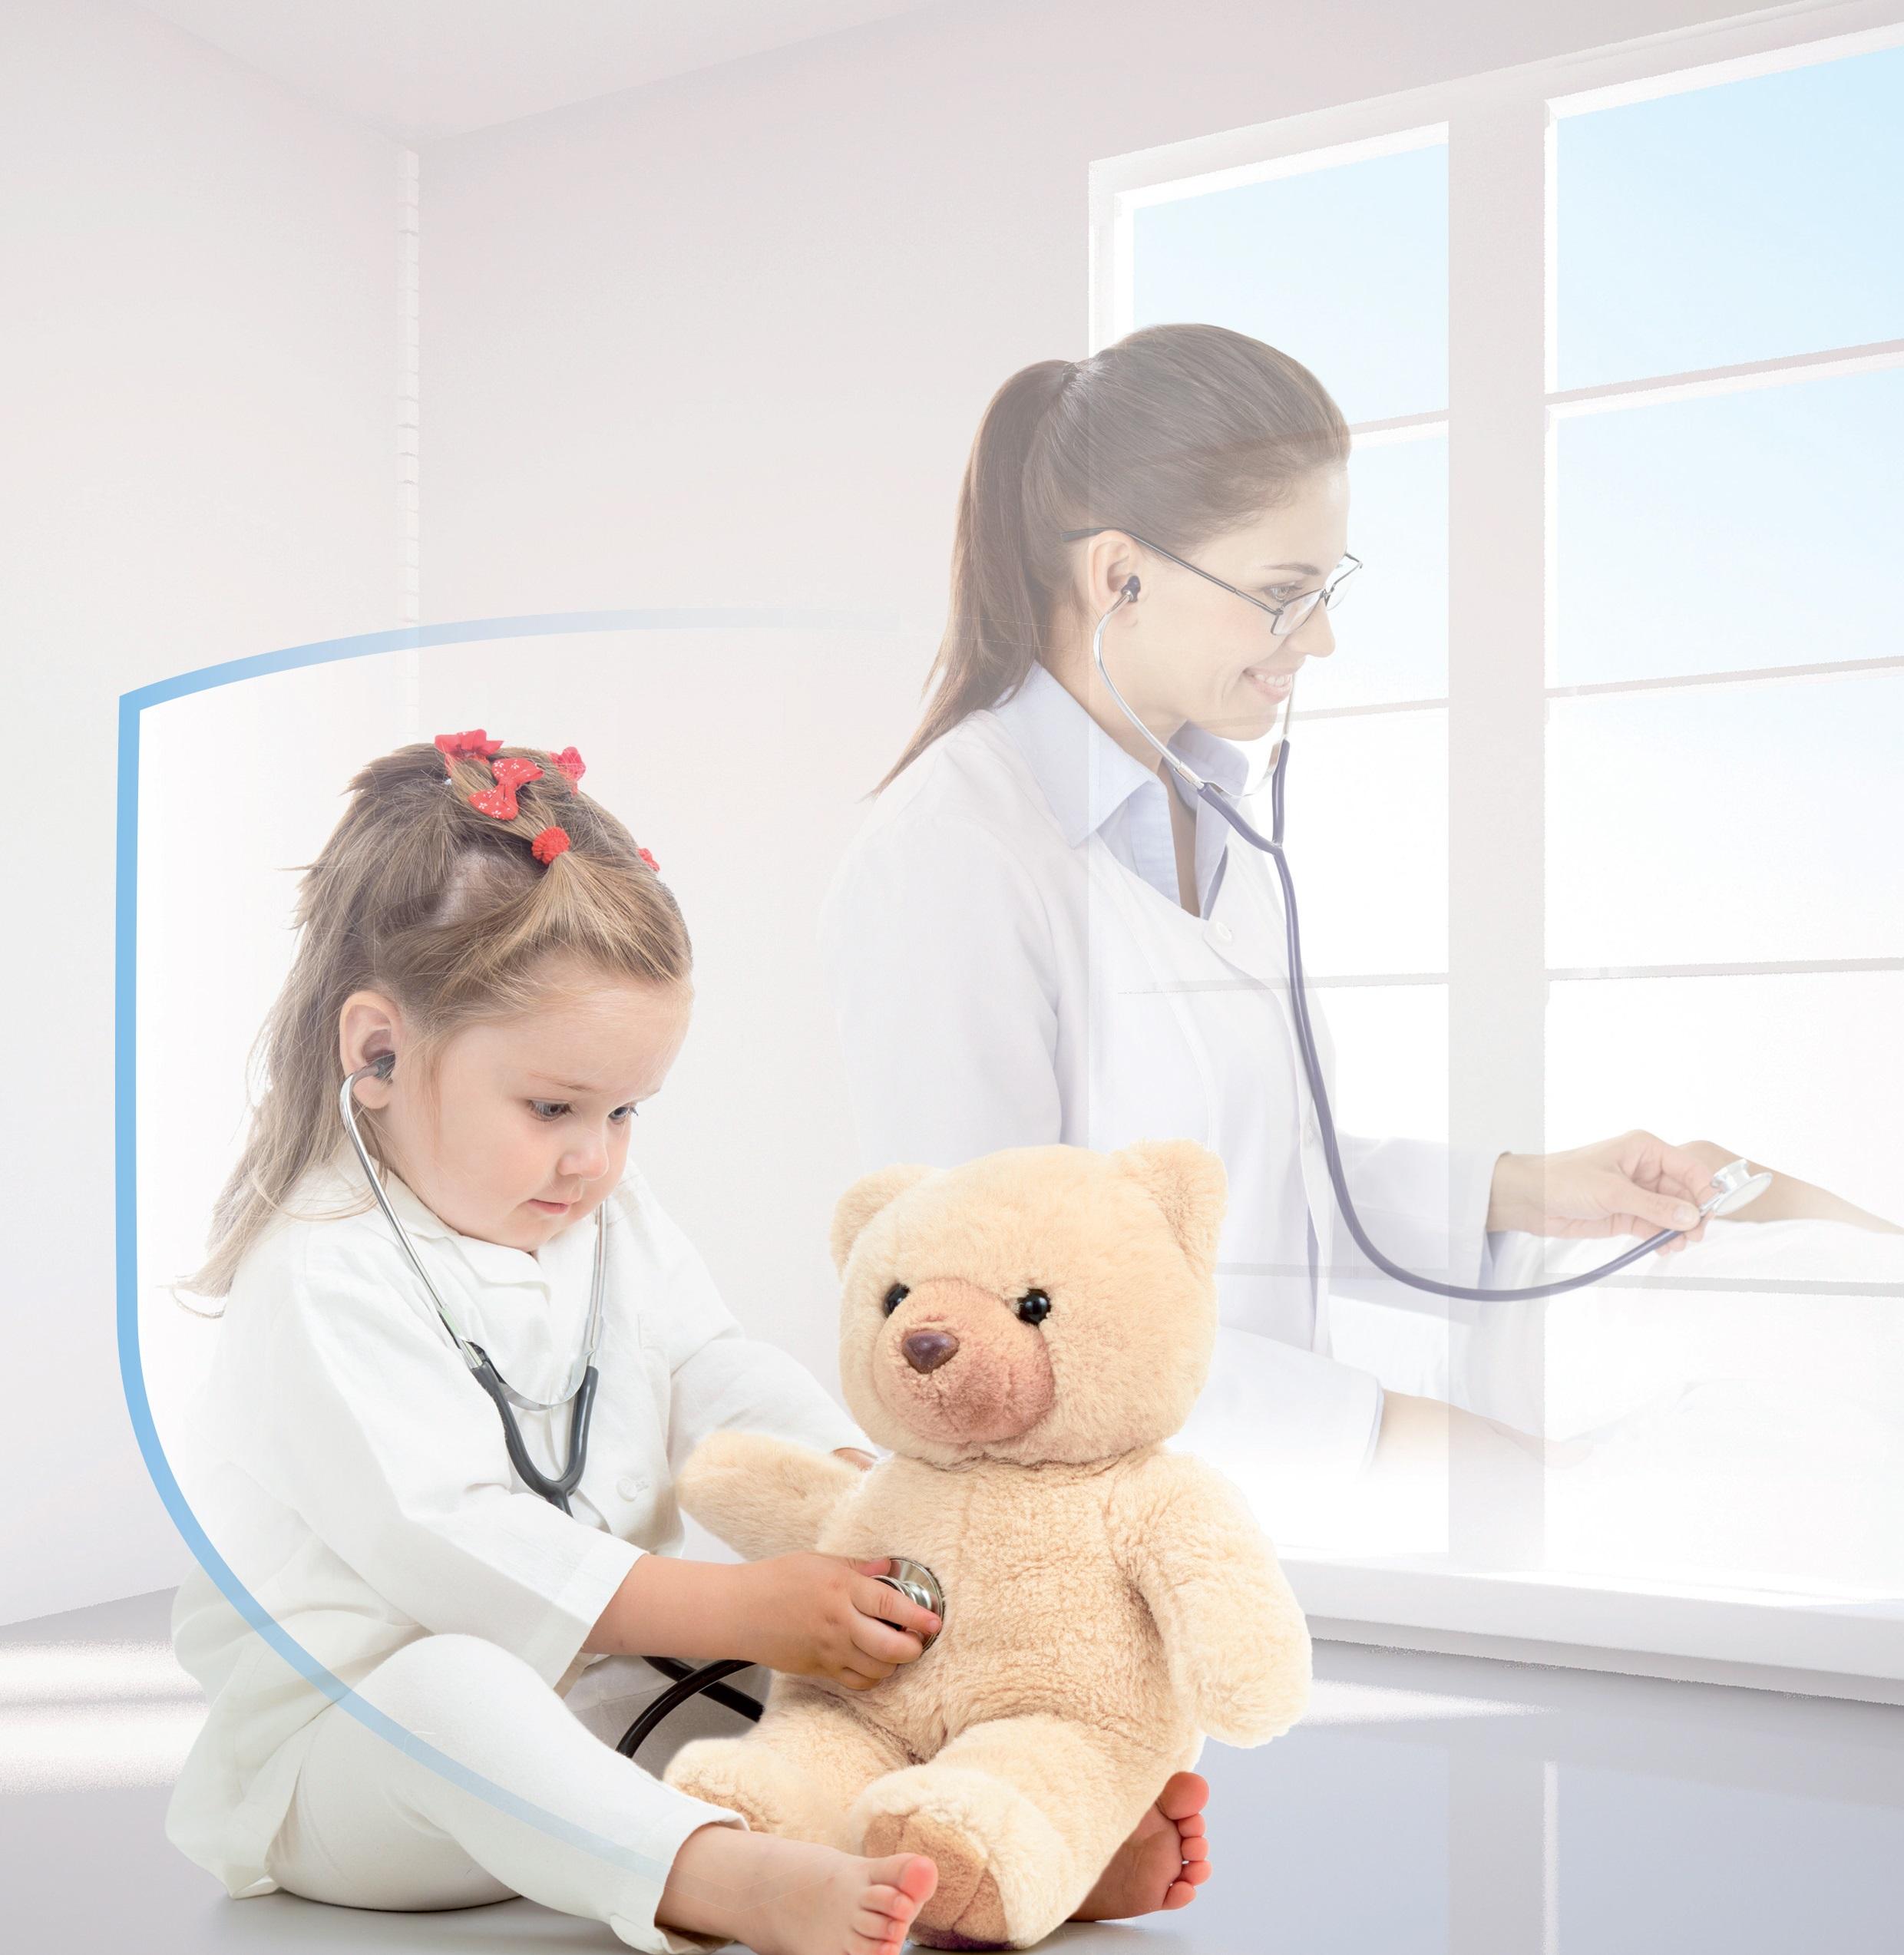 Akcija zbiranja sredstev za pediatrične oddelke